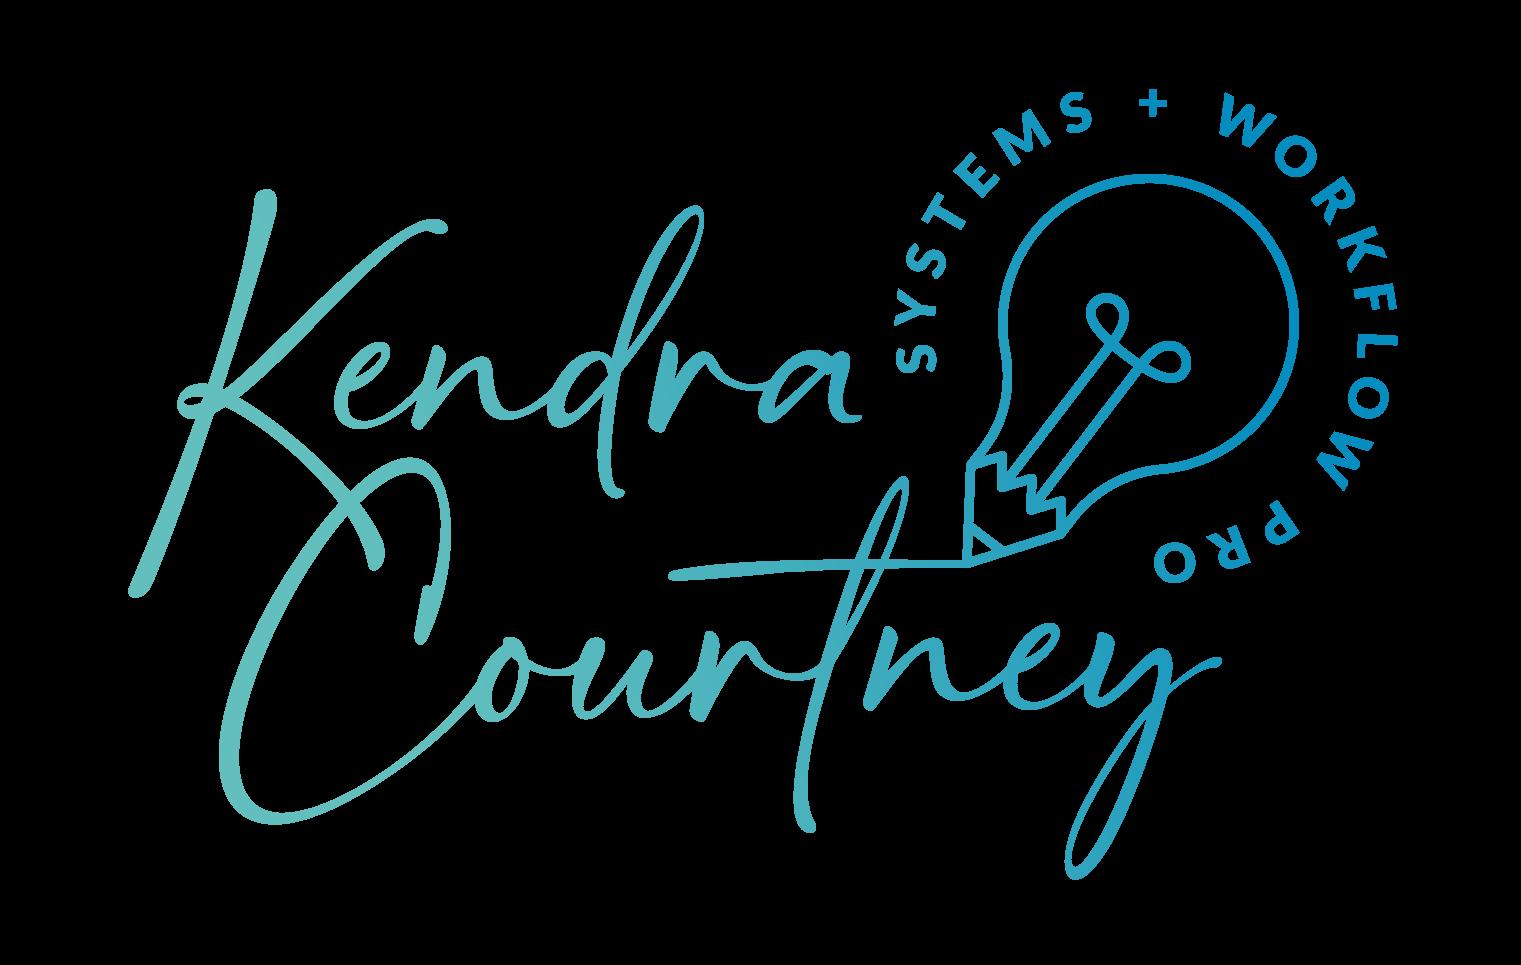 Kendra Courtney